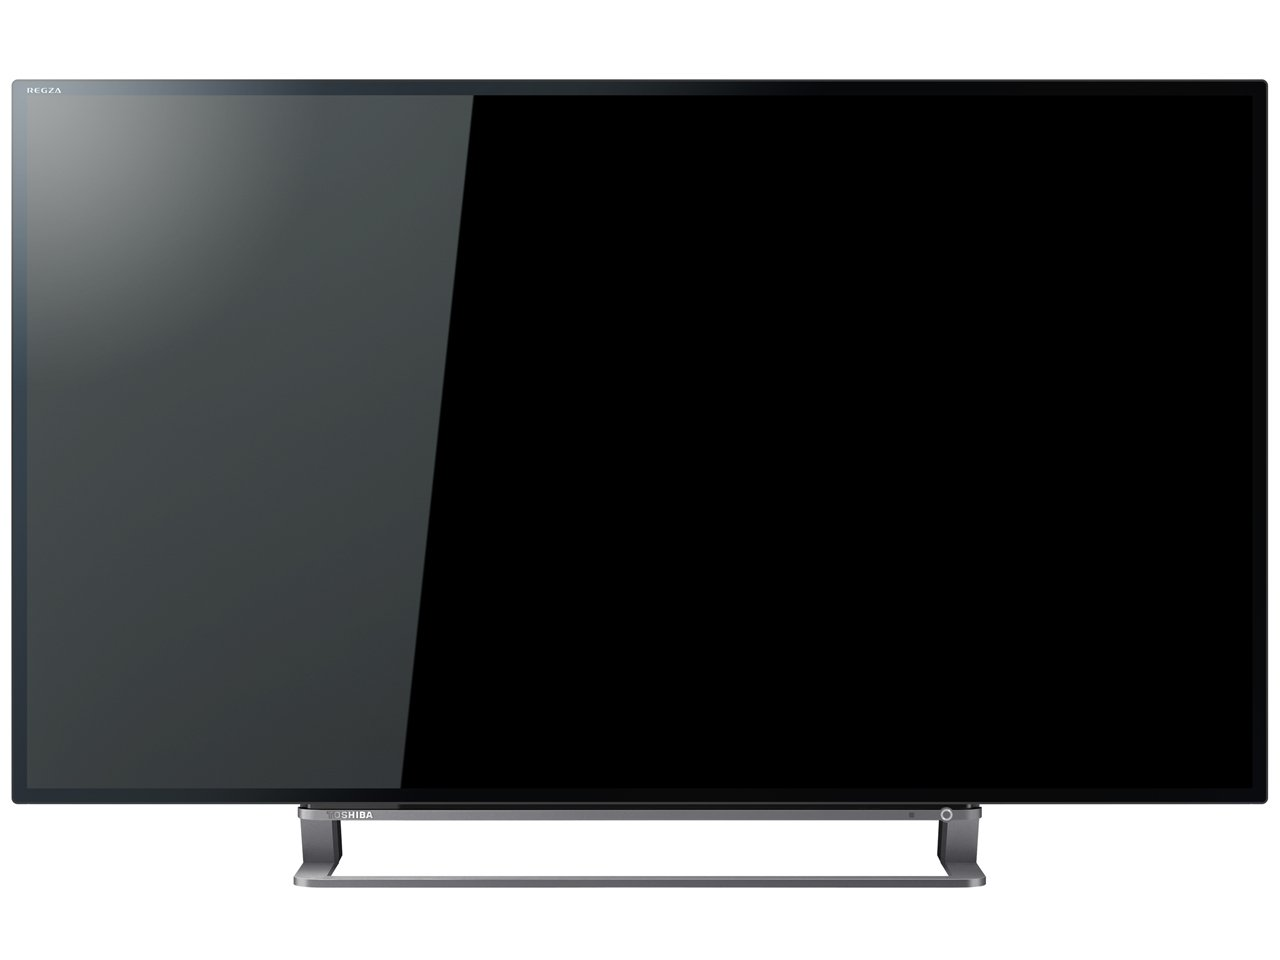 3位.TOSHIBA 43V型4K対応LED液晶テレビ REGZA 43G20X